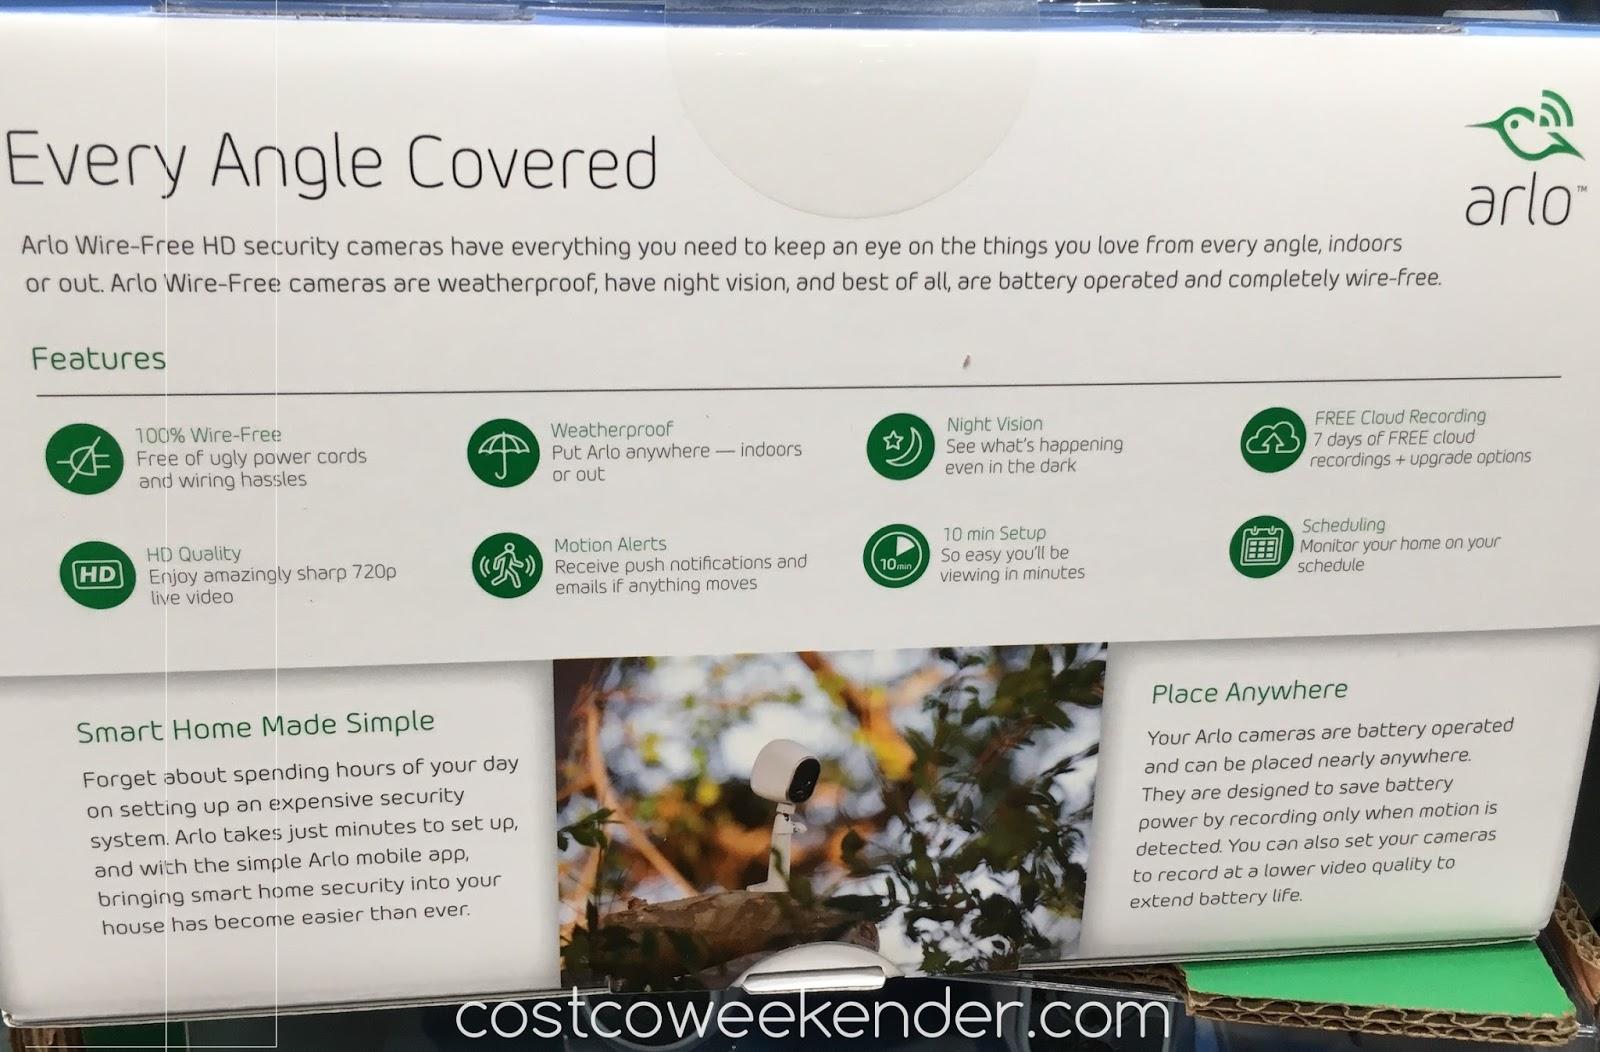 Netgear Arlo Vms3230c Wire Free Security Cameras Costco Weekender